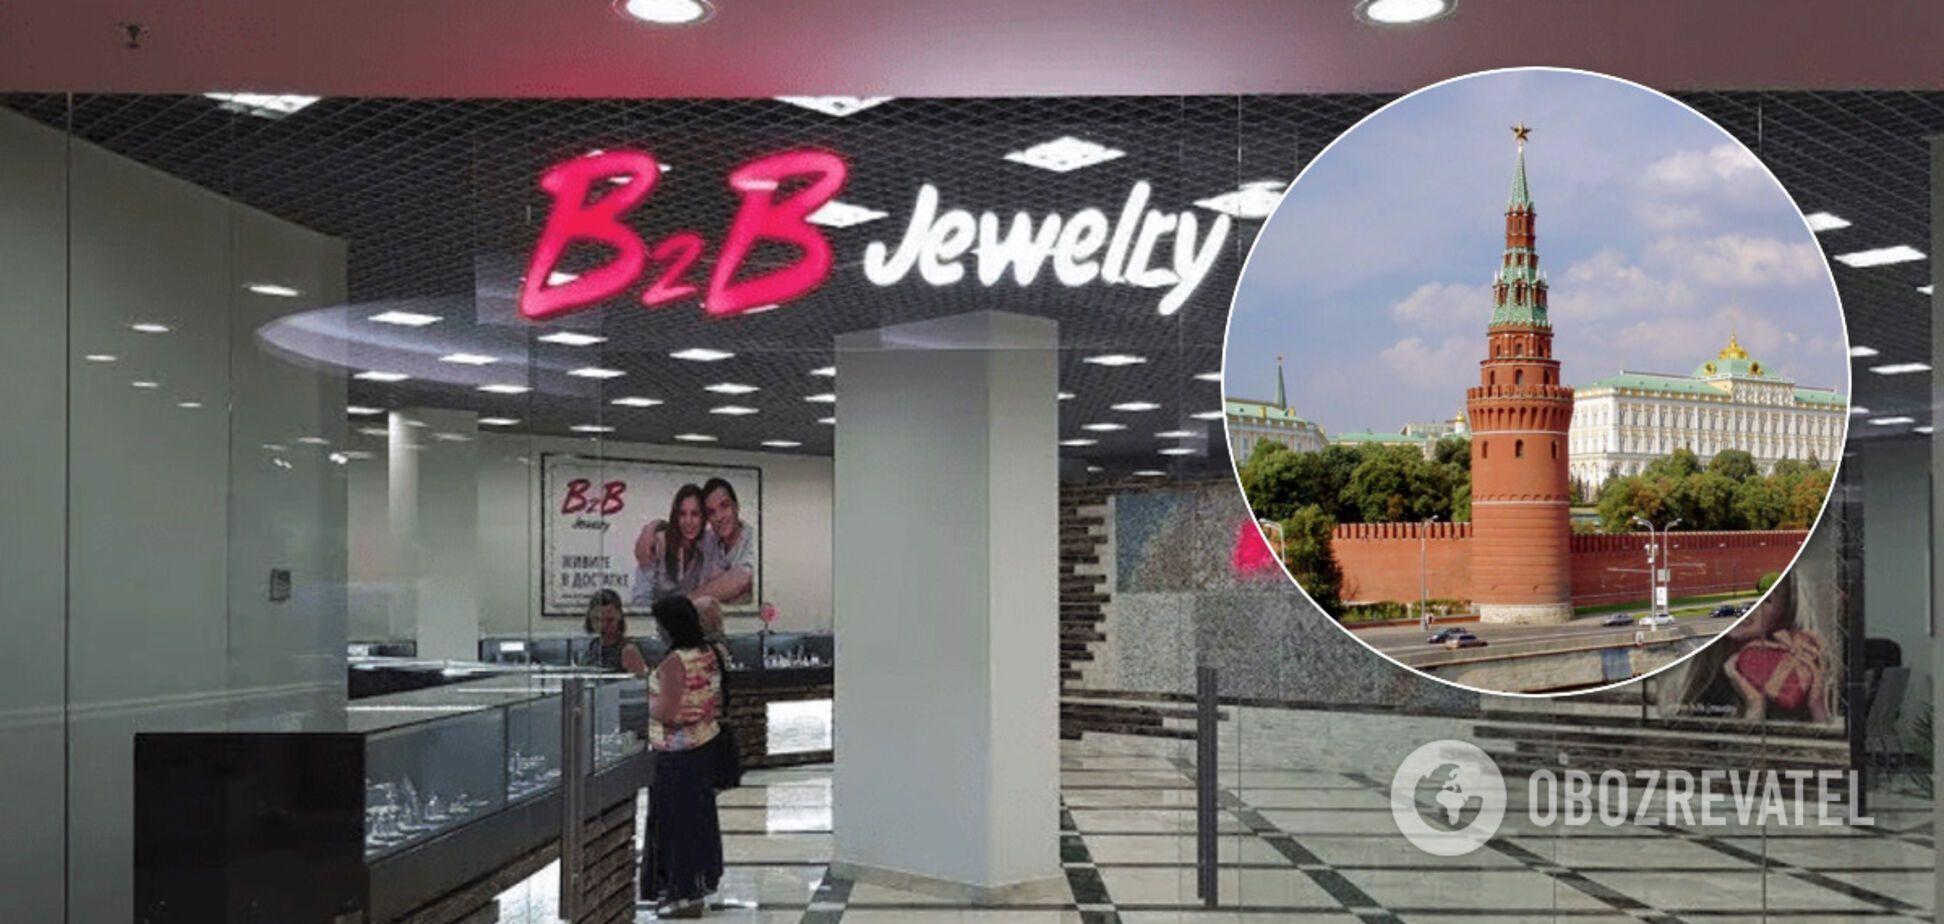 У Росії набрала обертів B2B Jewelry: як українська 'піраміда' захоплює ринок